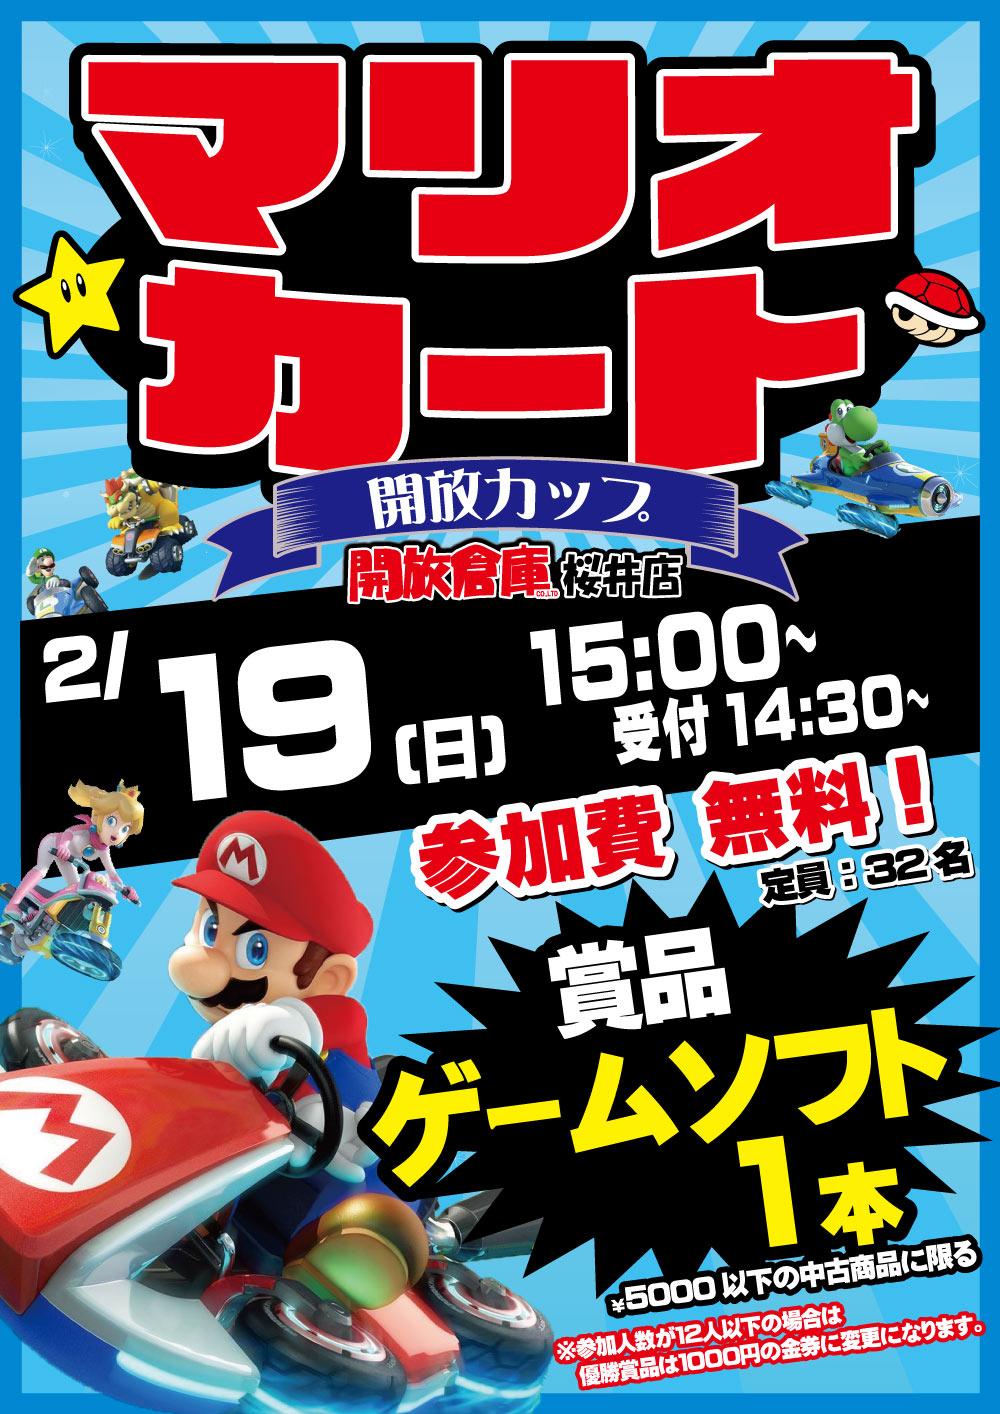 「開放倉庫桜井店」2017年2月19日(日)マリオカートゲーム大会開催!